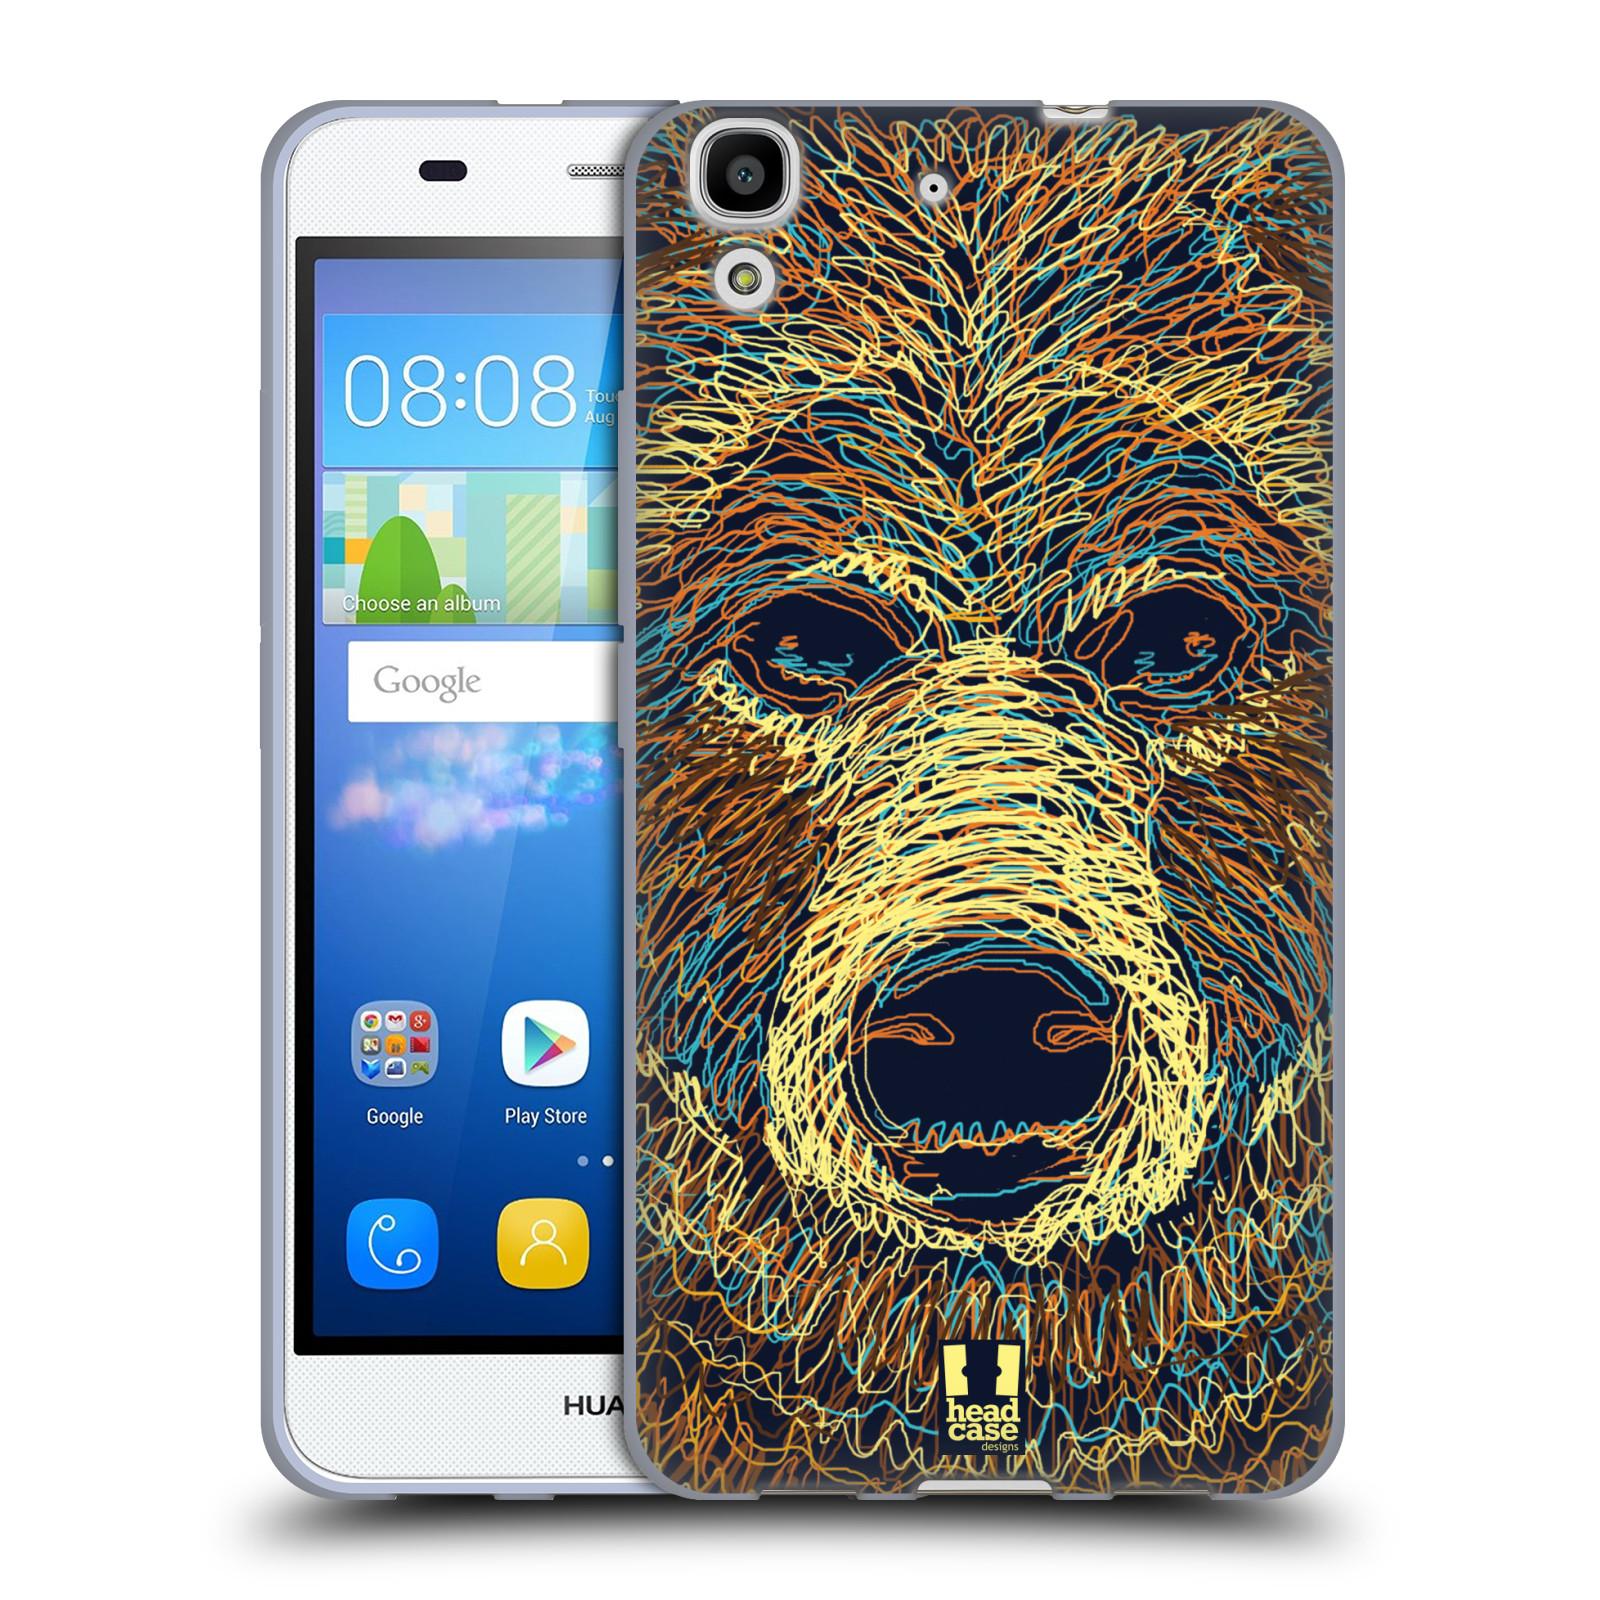 HEAD CASE silikonový obal na mobil HUAWEI Y6 vzor zvíře čmáranice medvěd